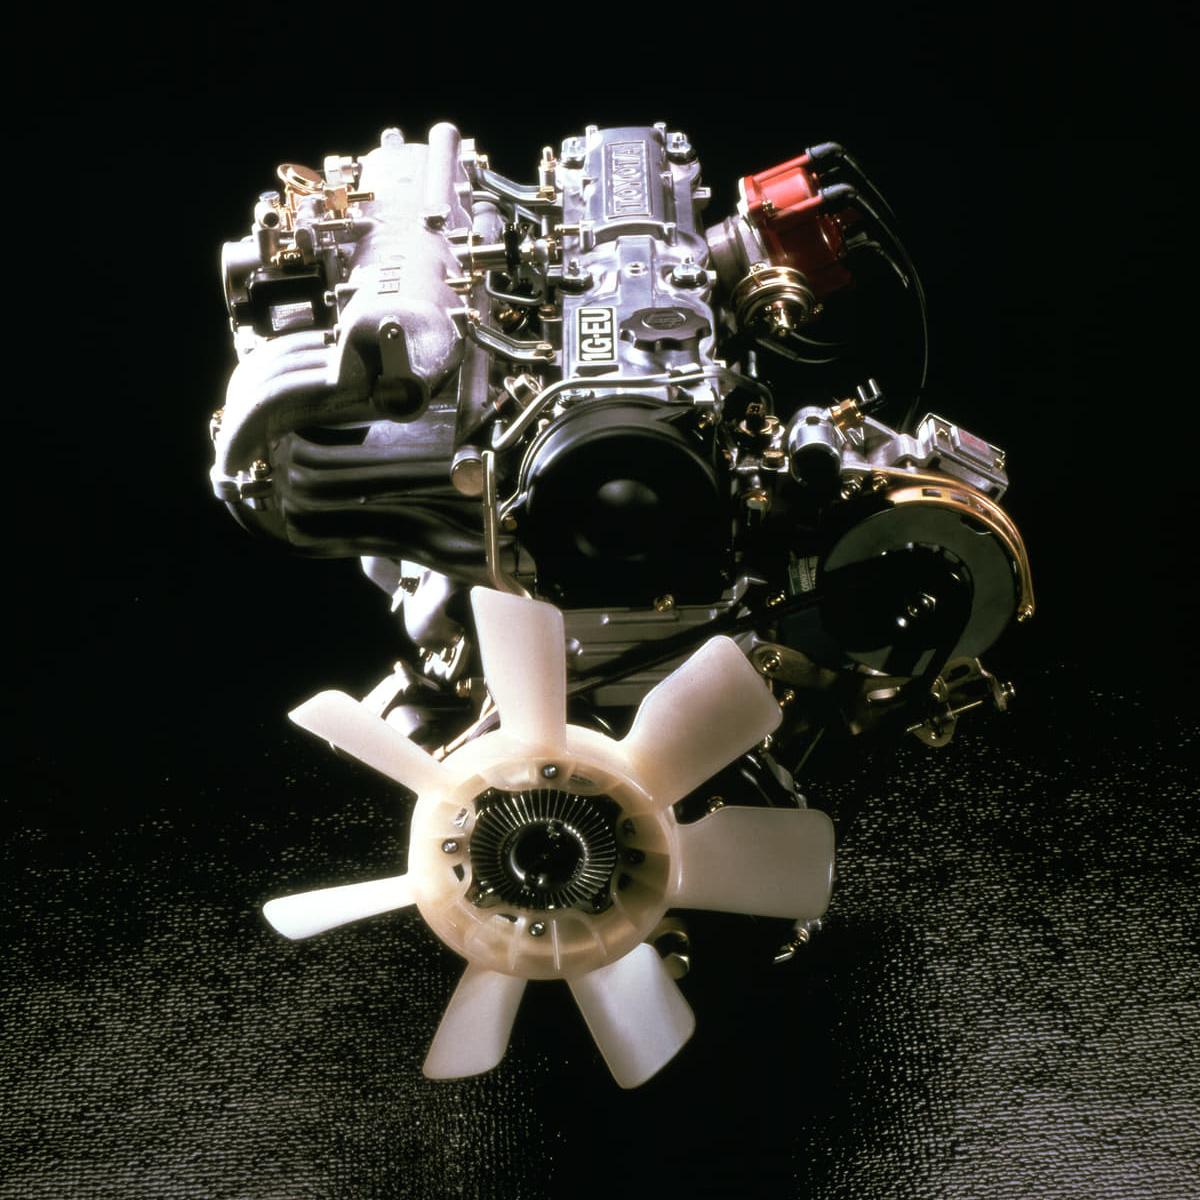 昭和のネオクラシックカーGX71型 マークⅡ クレスタ チェイサーの中古車事情